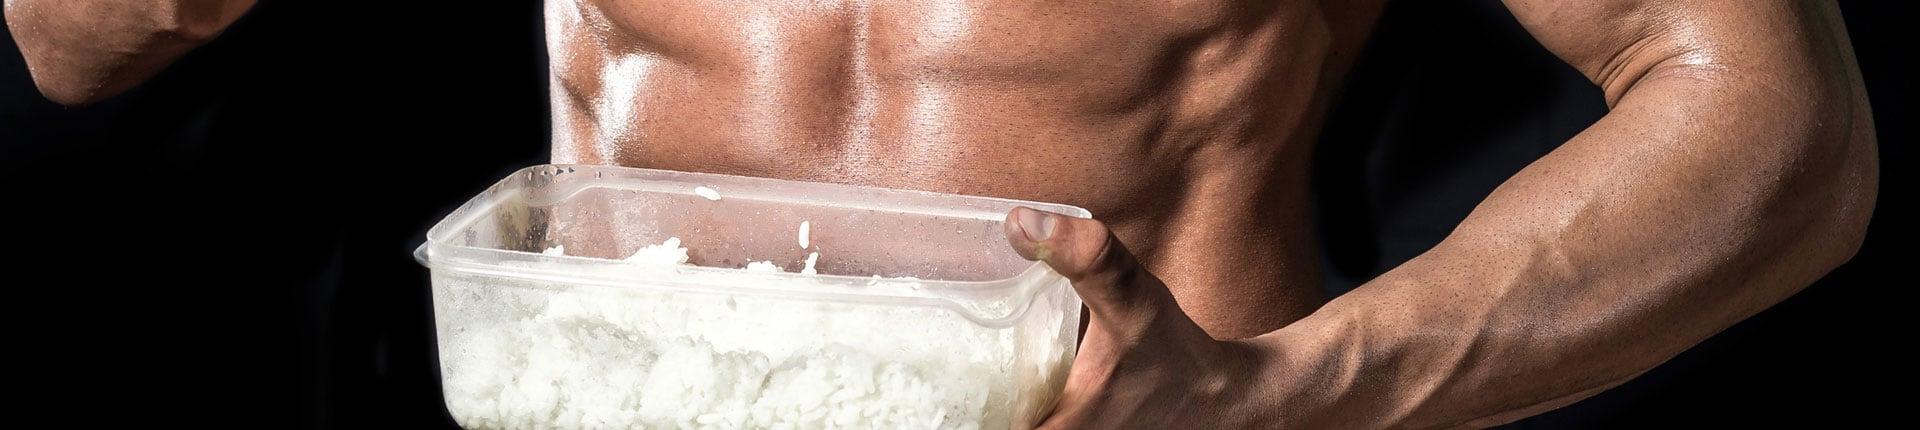 Dieta na masę tanim kosztem - 9 tanich i dobrych produktów